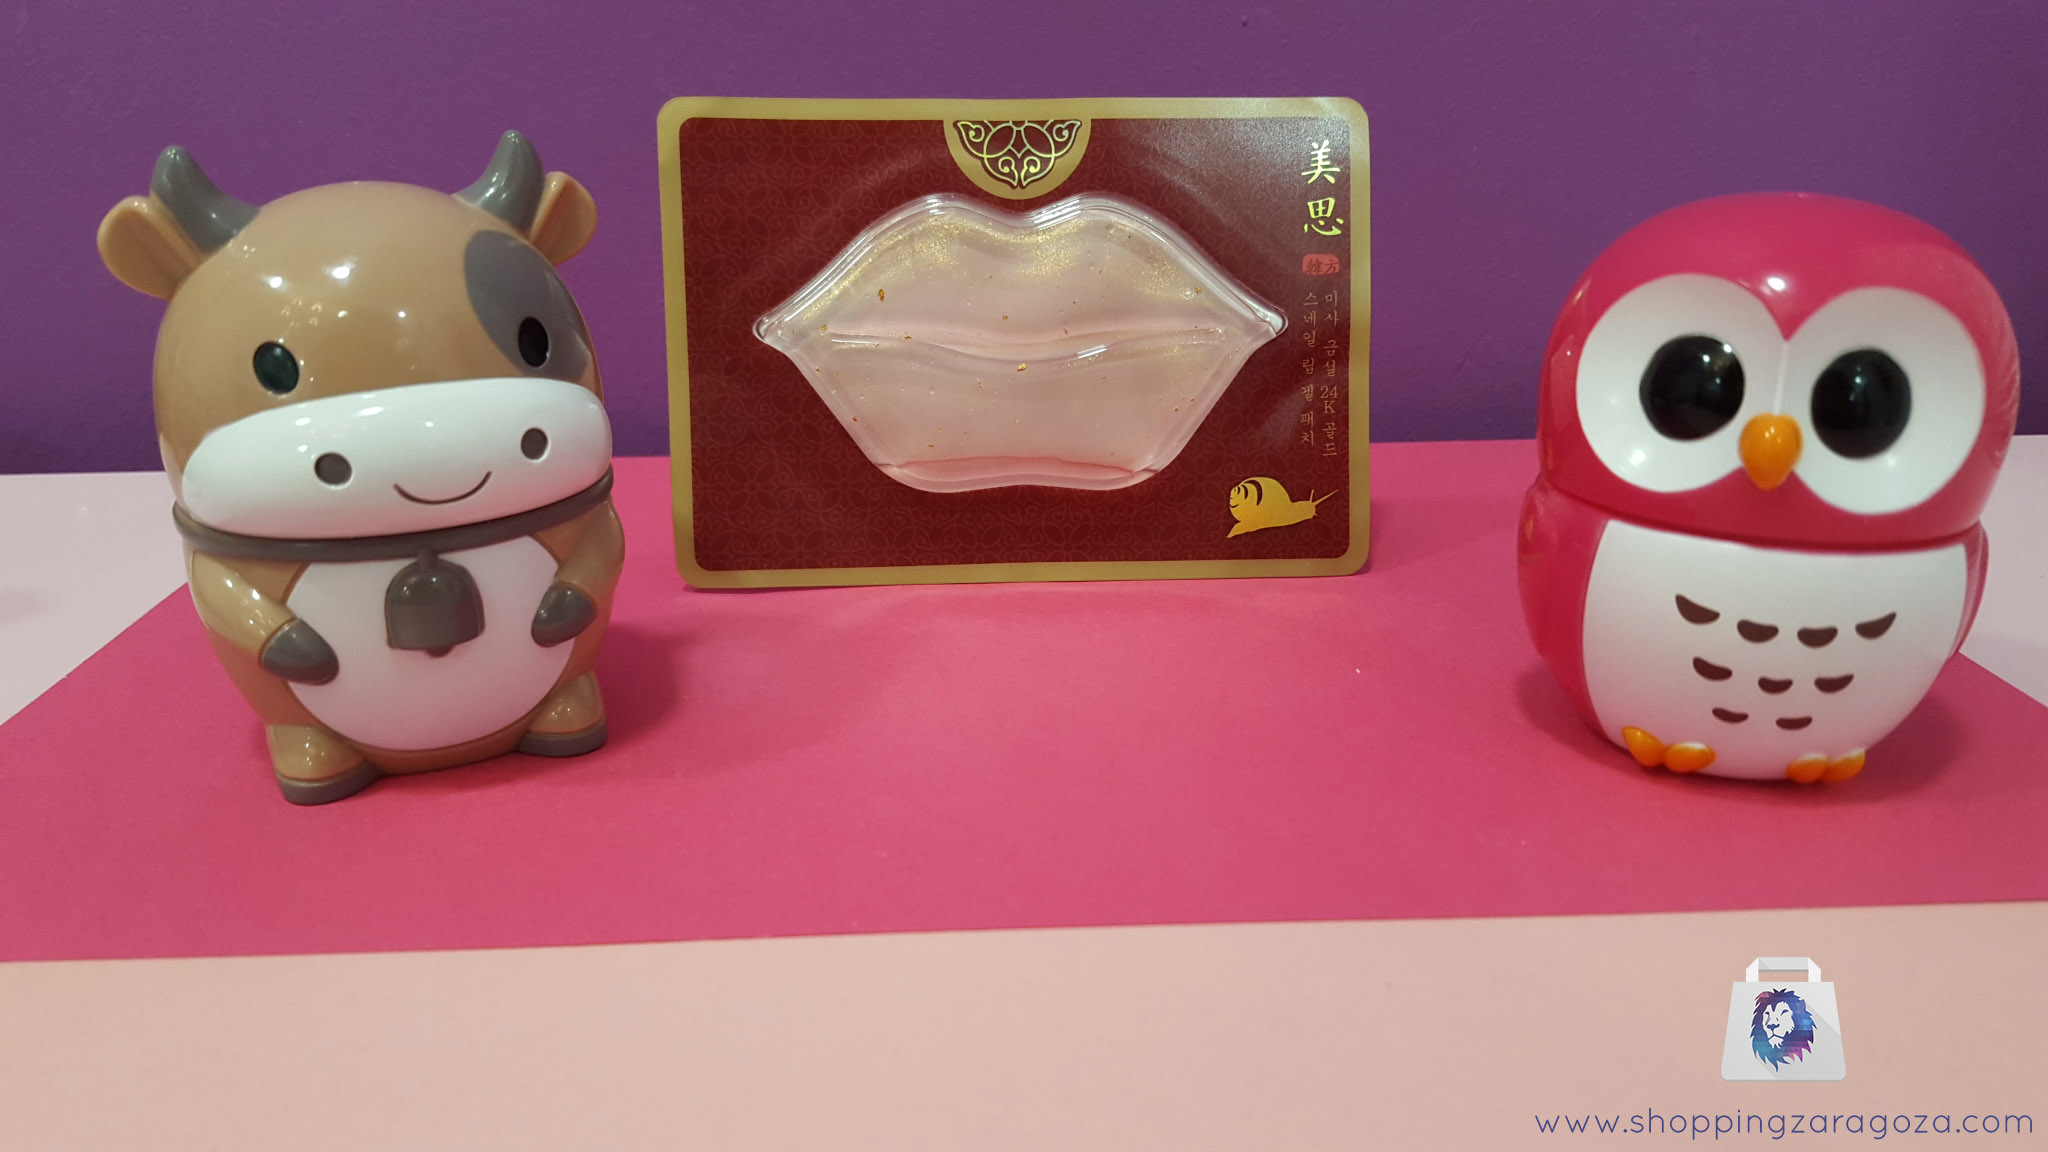 Crema de manos Buho rojo y Crema de manos vaca marrón en tienda de cosmitica asiática y cosmética coreana en zaragoza